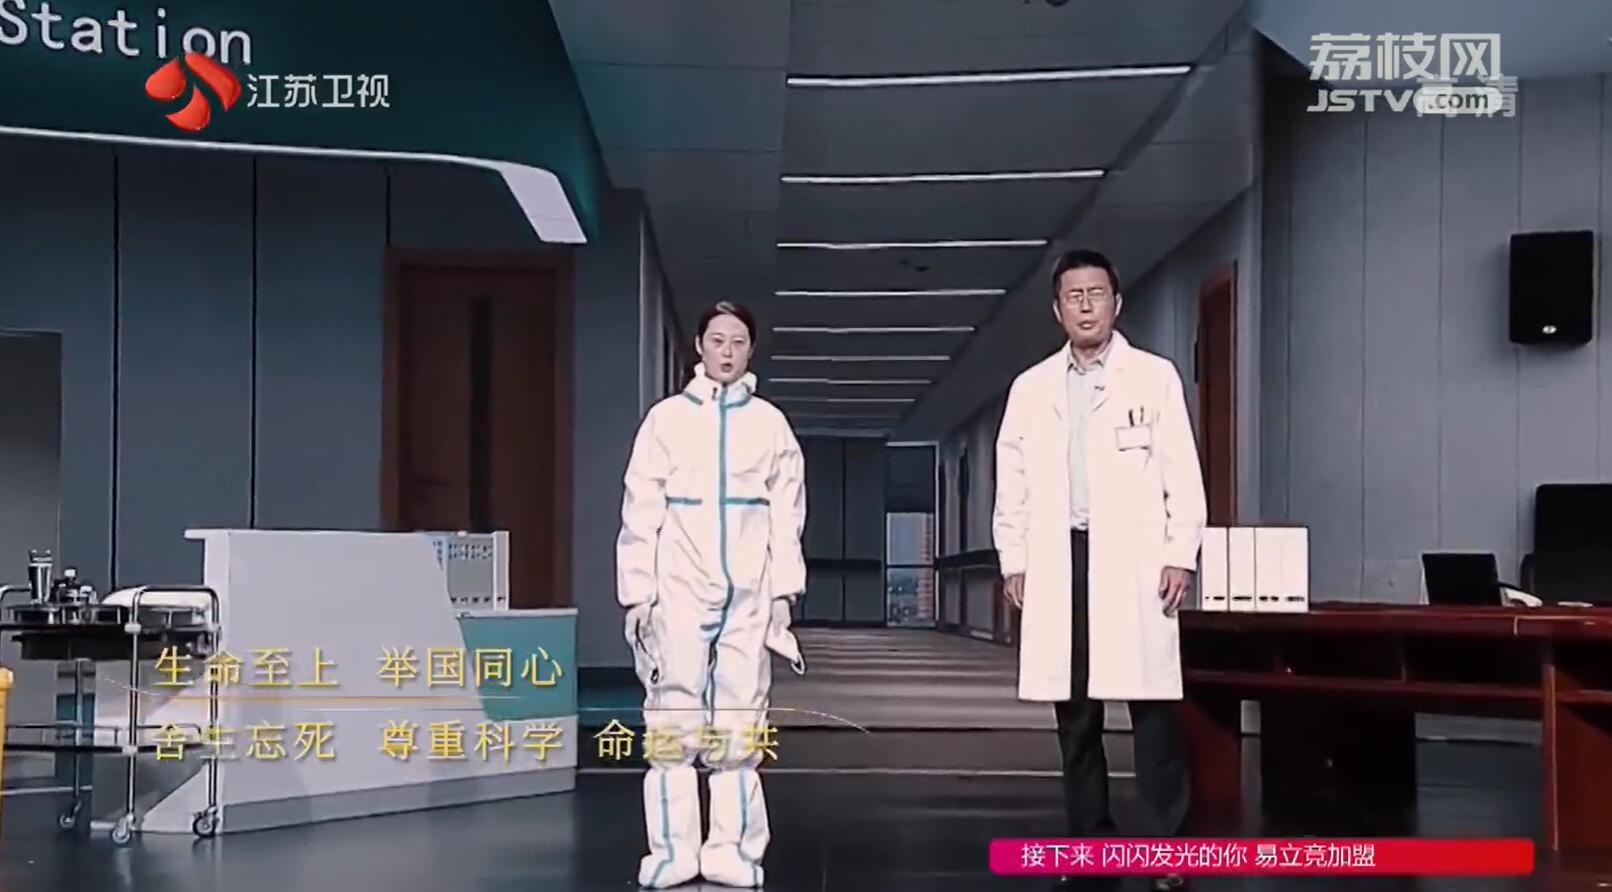 高曙光、熊伟娇演绎江苏援鄂医疗队的抗疫精神